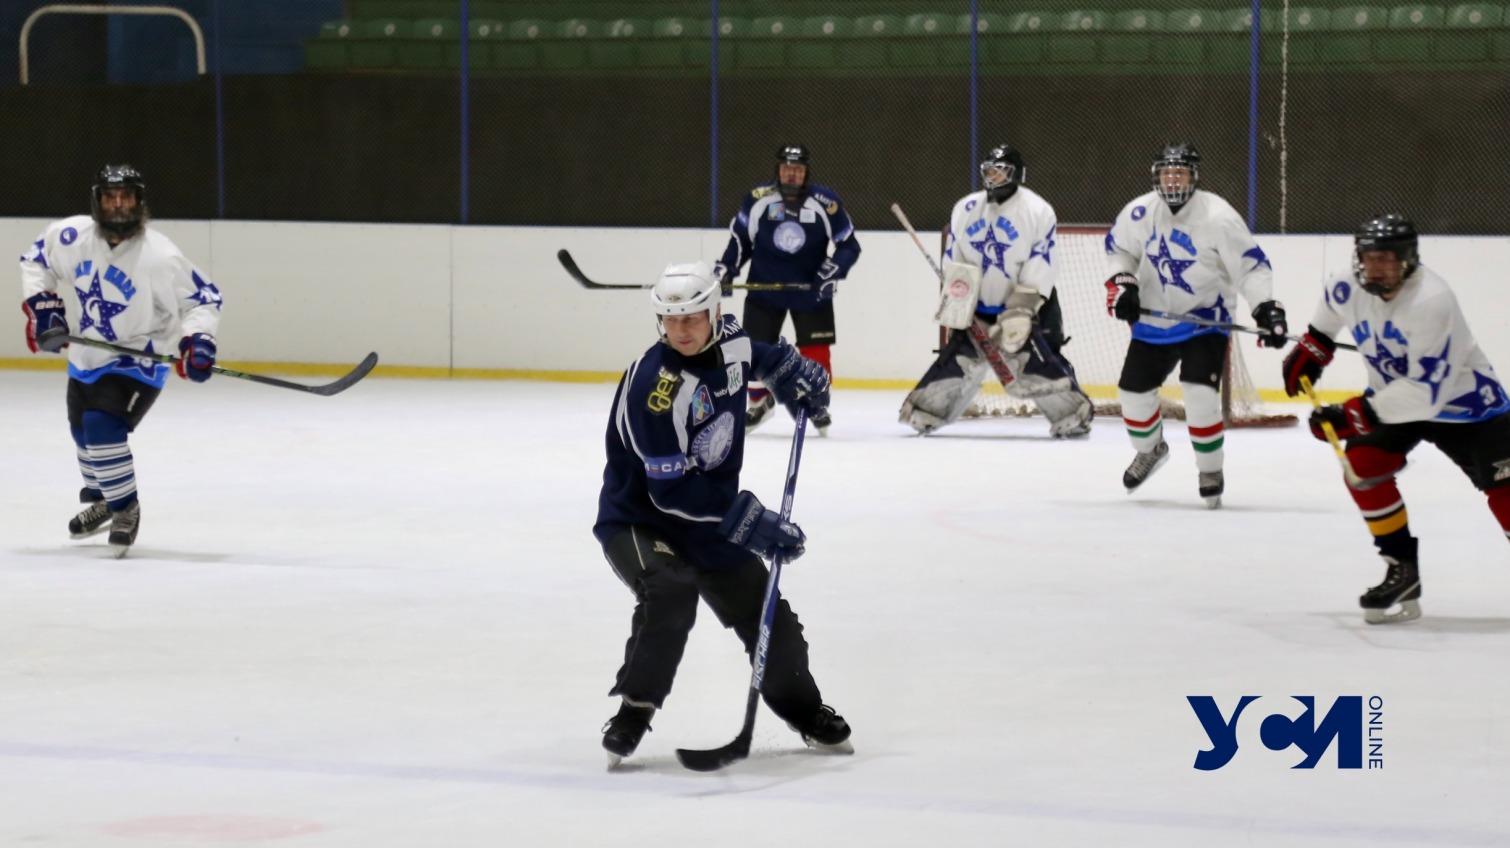 Красота хоккея: в Одессе встретились аматорские команды  (фото) «фото»